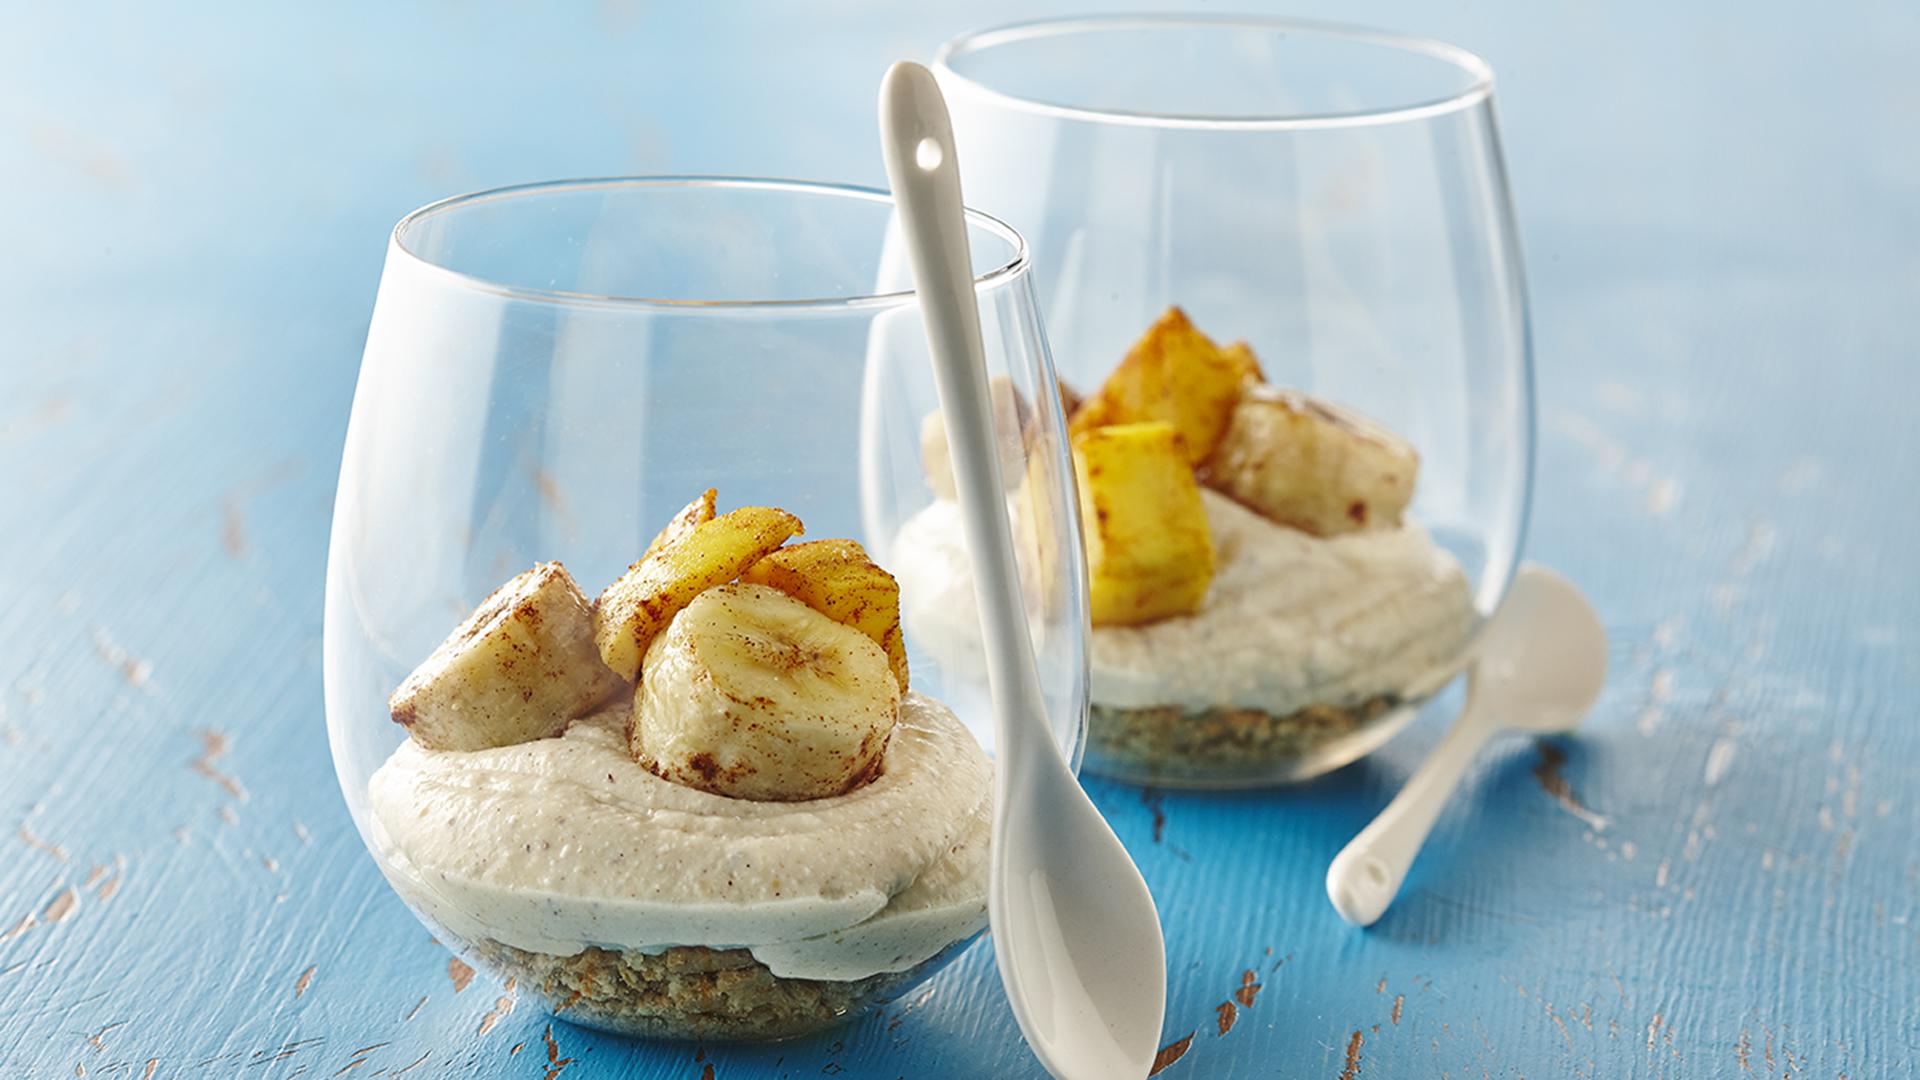 Deux verres remplis de gâteau au fromage, de bananes et de mangue rôties